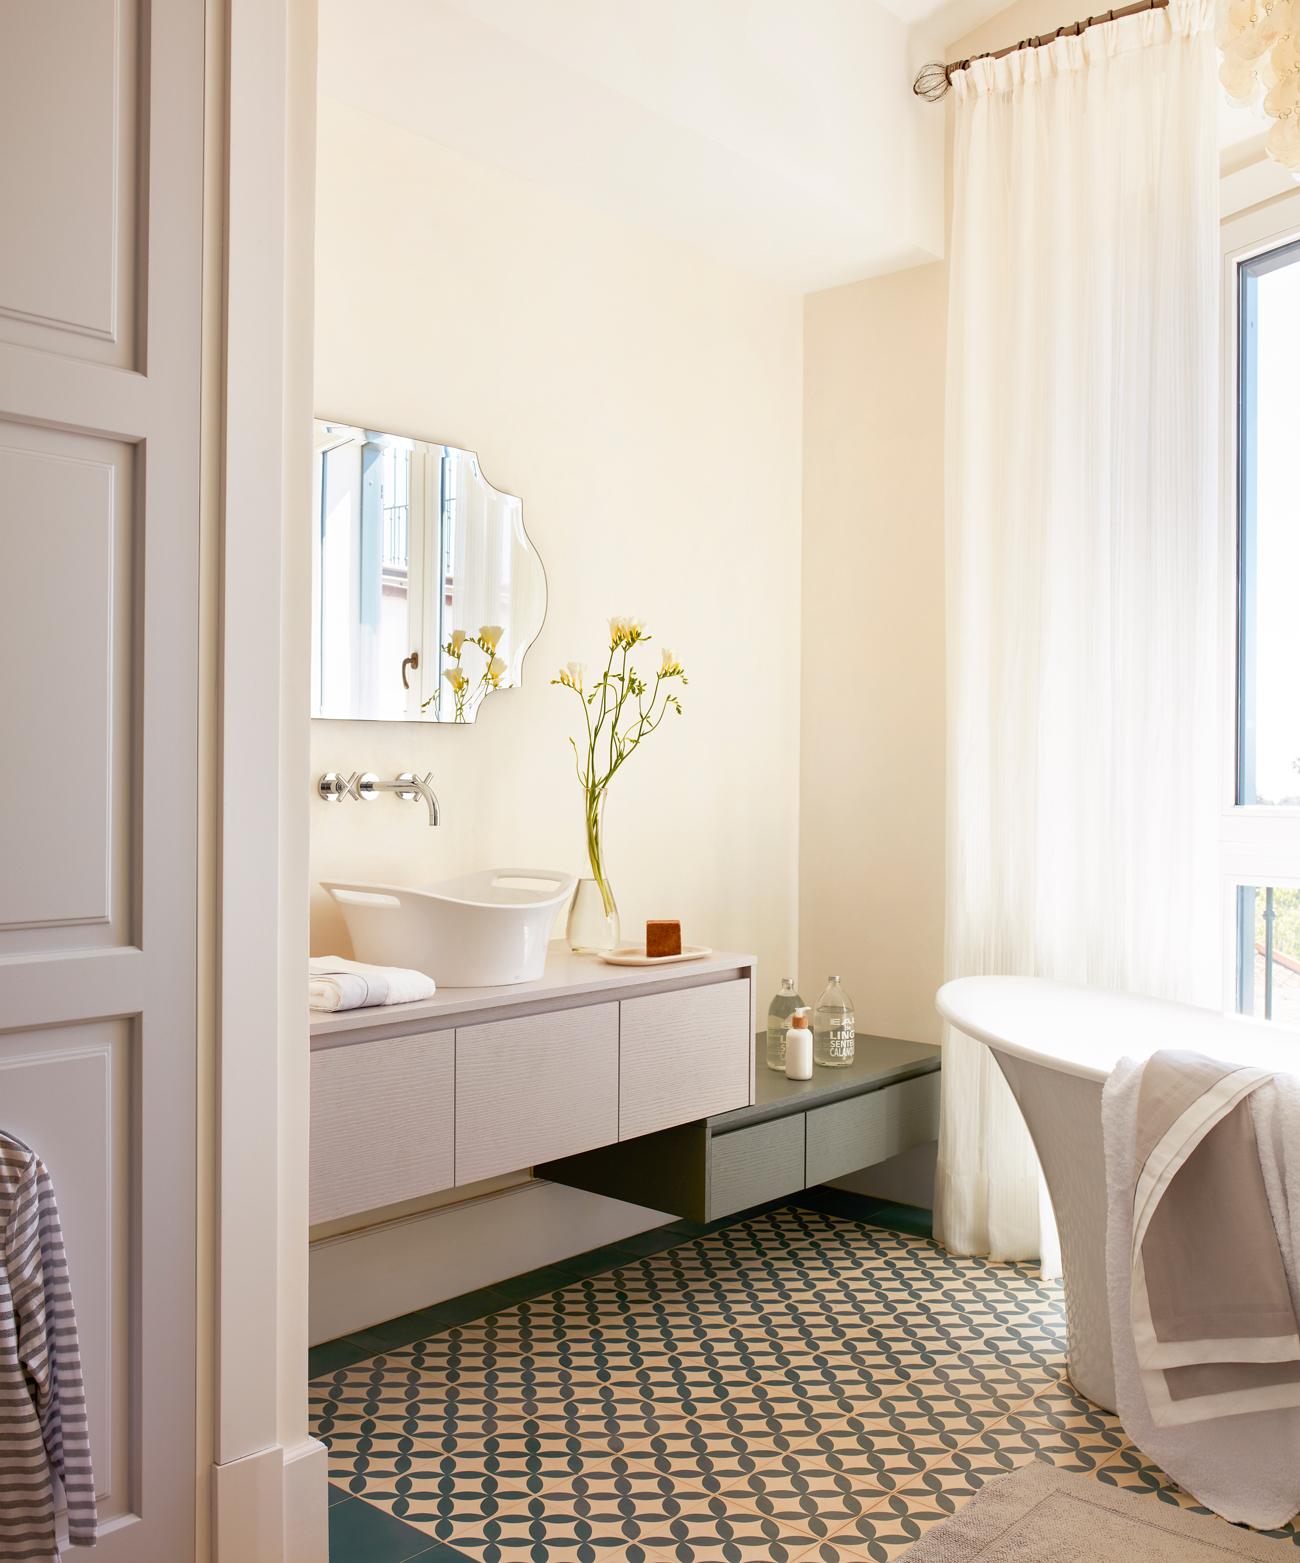 Un lavamanos para cada ba o - Modelos de papel pintado ...